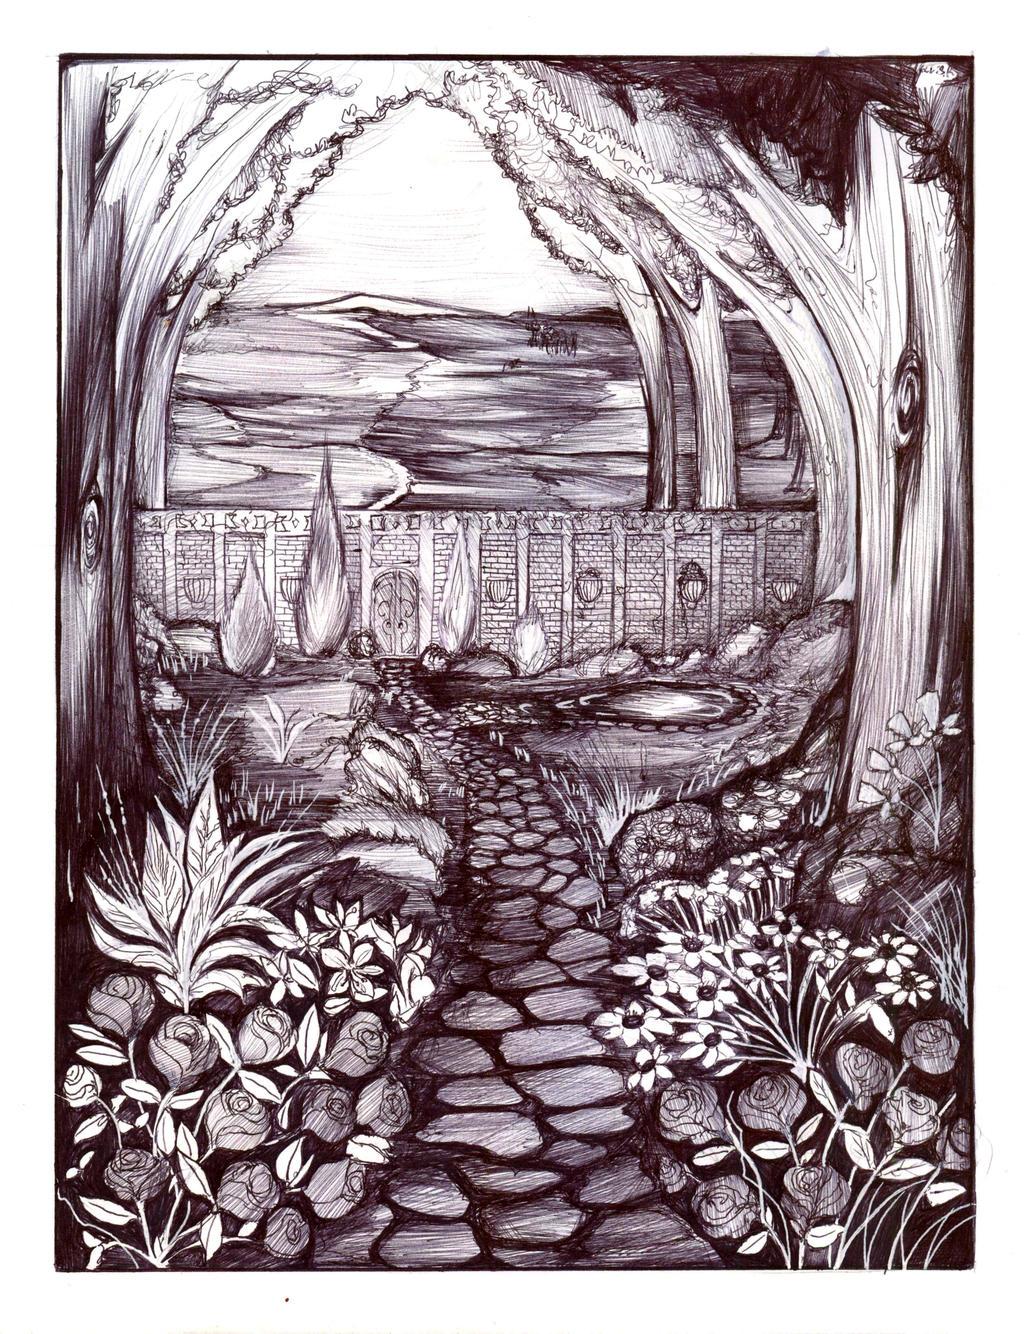 SGP - The garden. by Antervantei